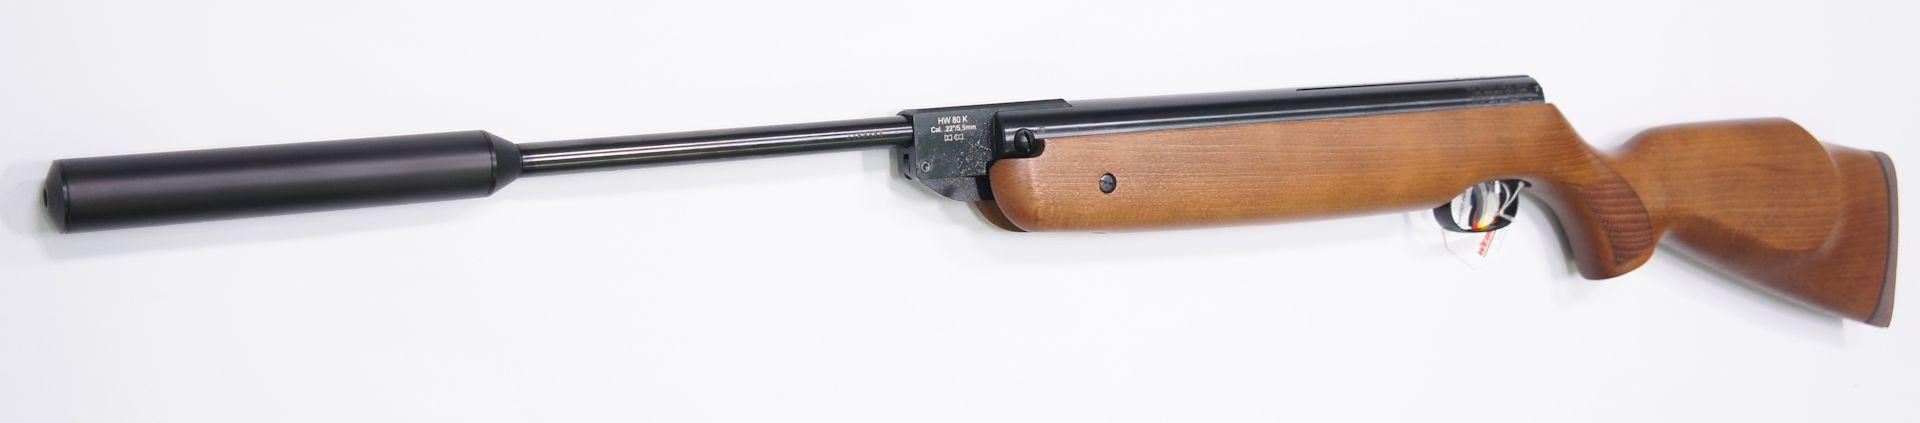 Luftgewehr HW 80 K